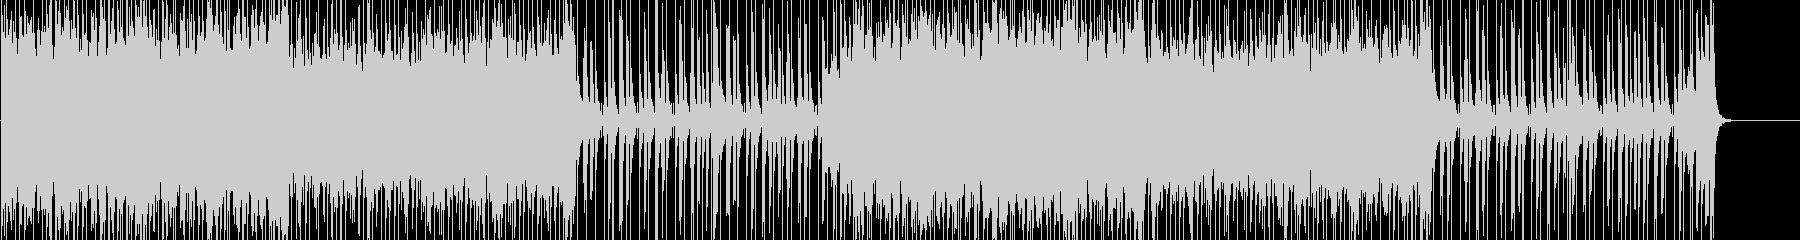 アップテンポなアクションRPGの曲の未再生の波形